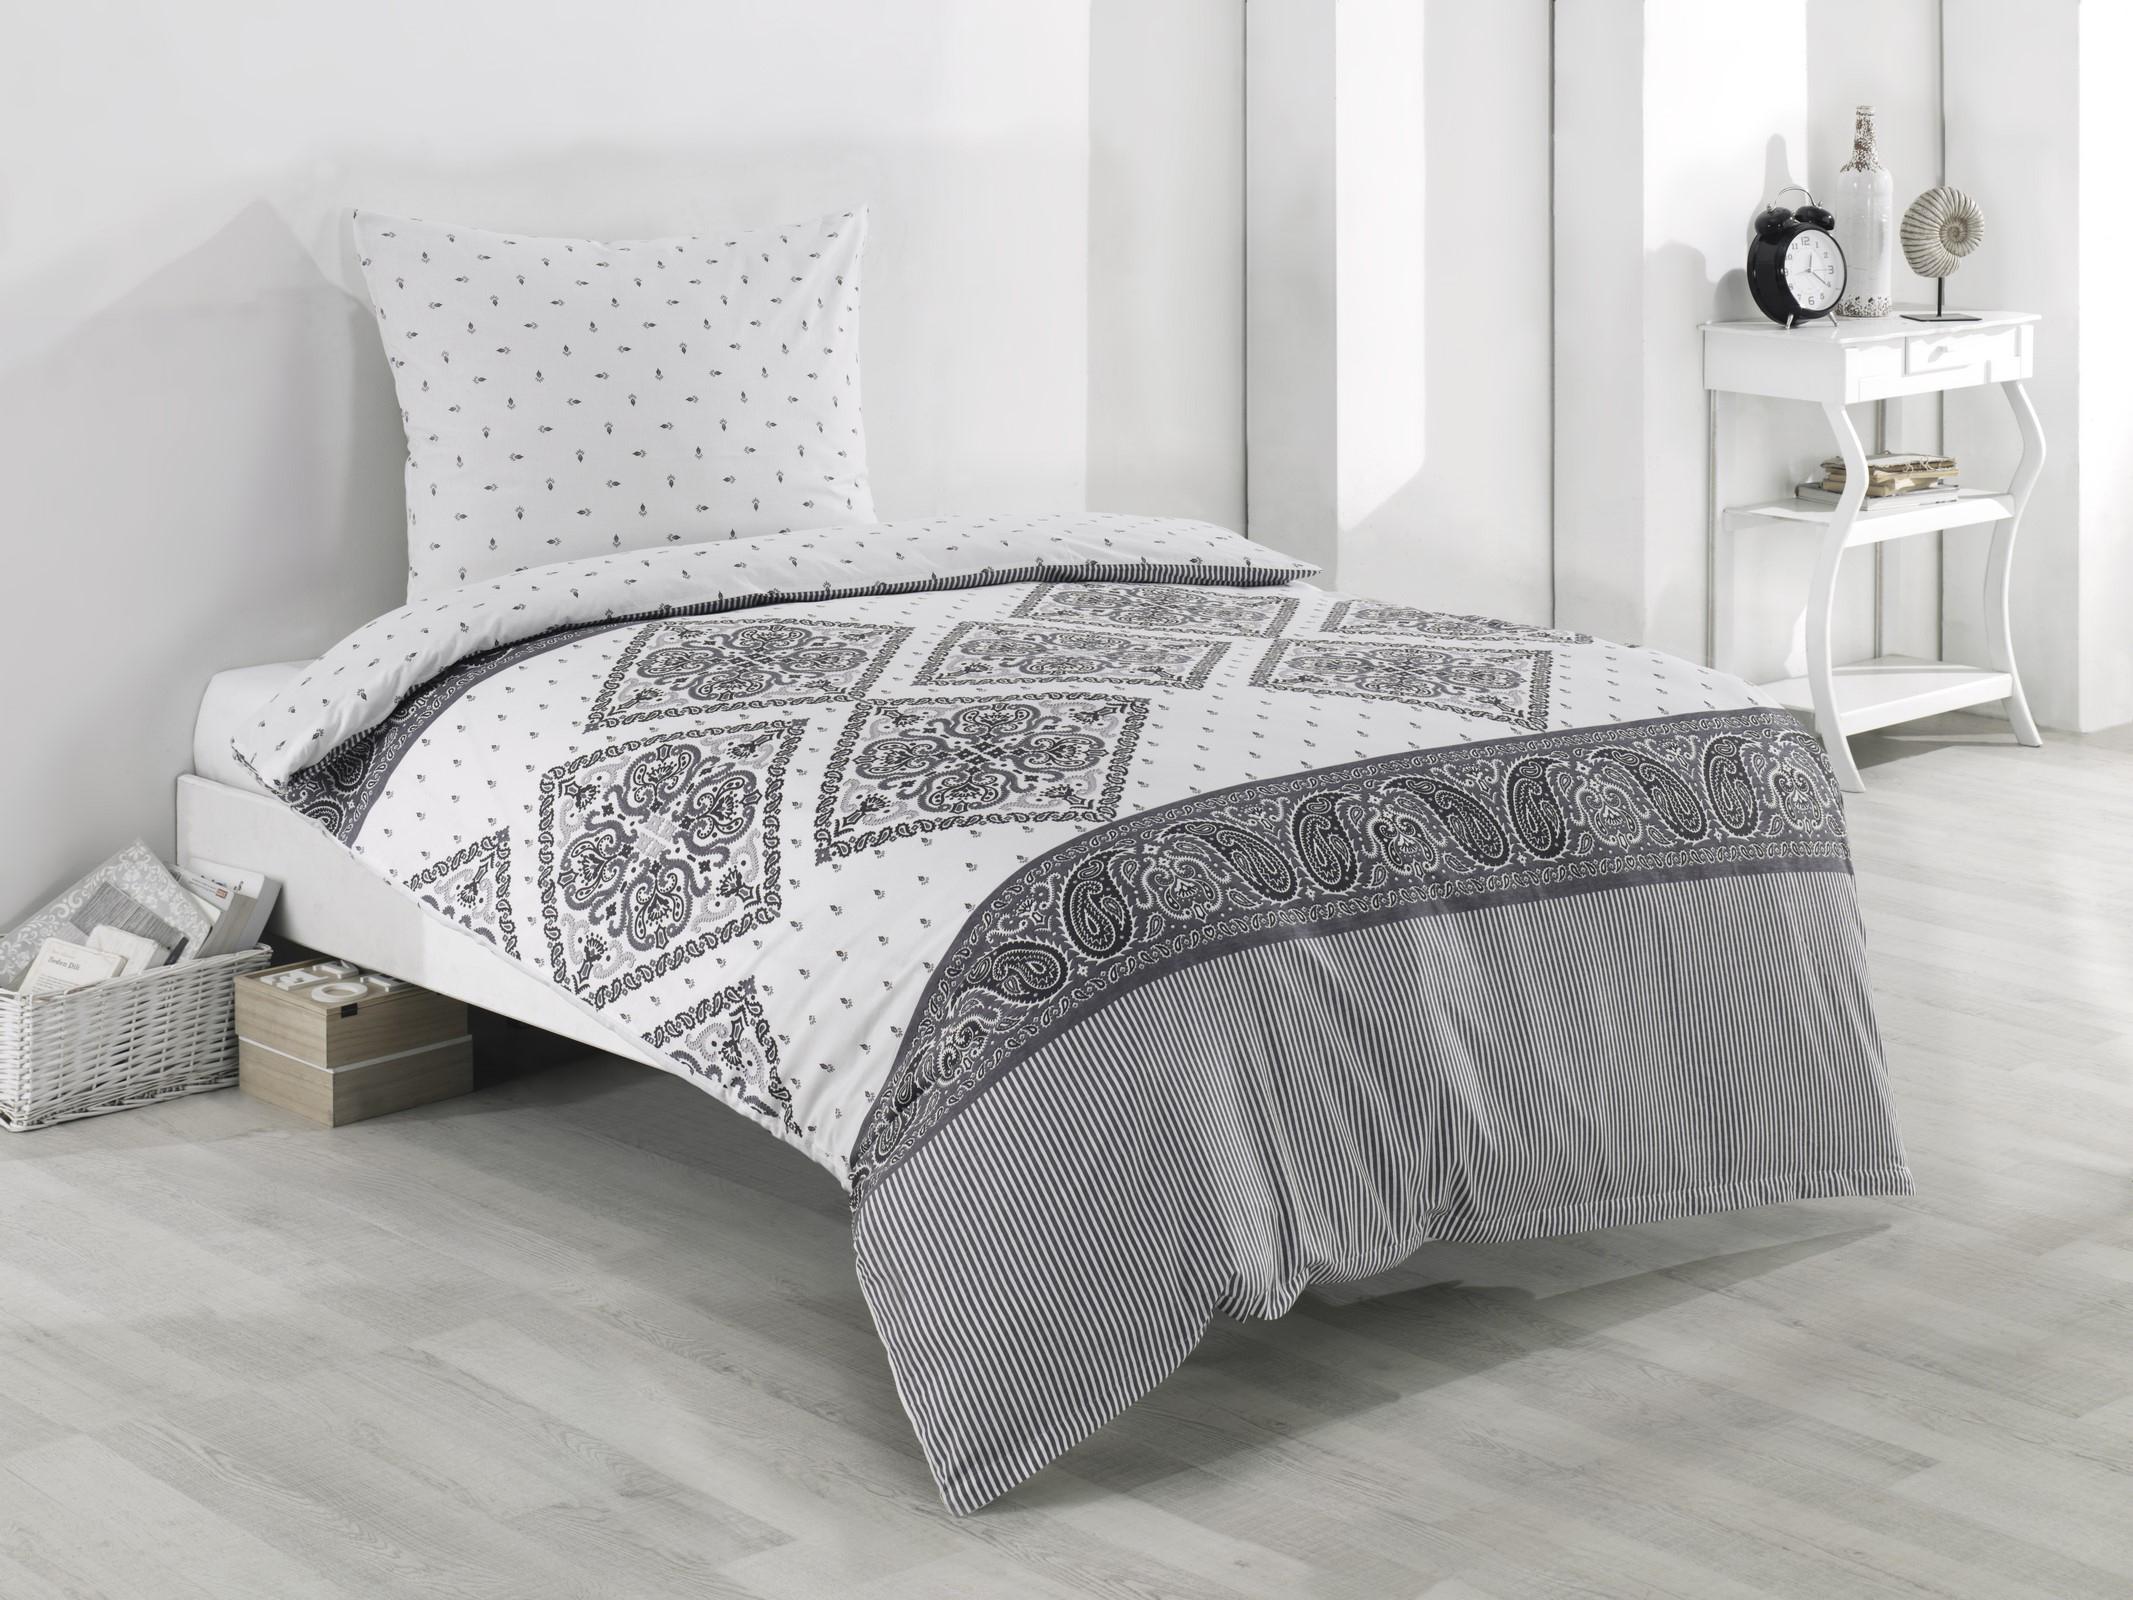 Bettwäsche 135x200 80x80 Cm Baumwolle Renforce Weiß Grau Ornamente Mit Reißverschluss